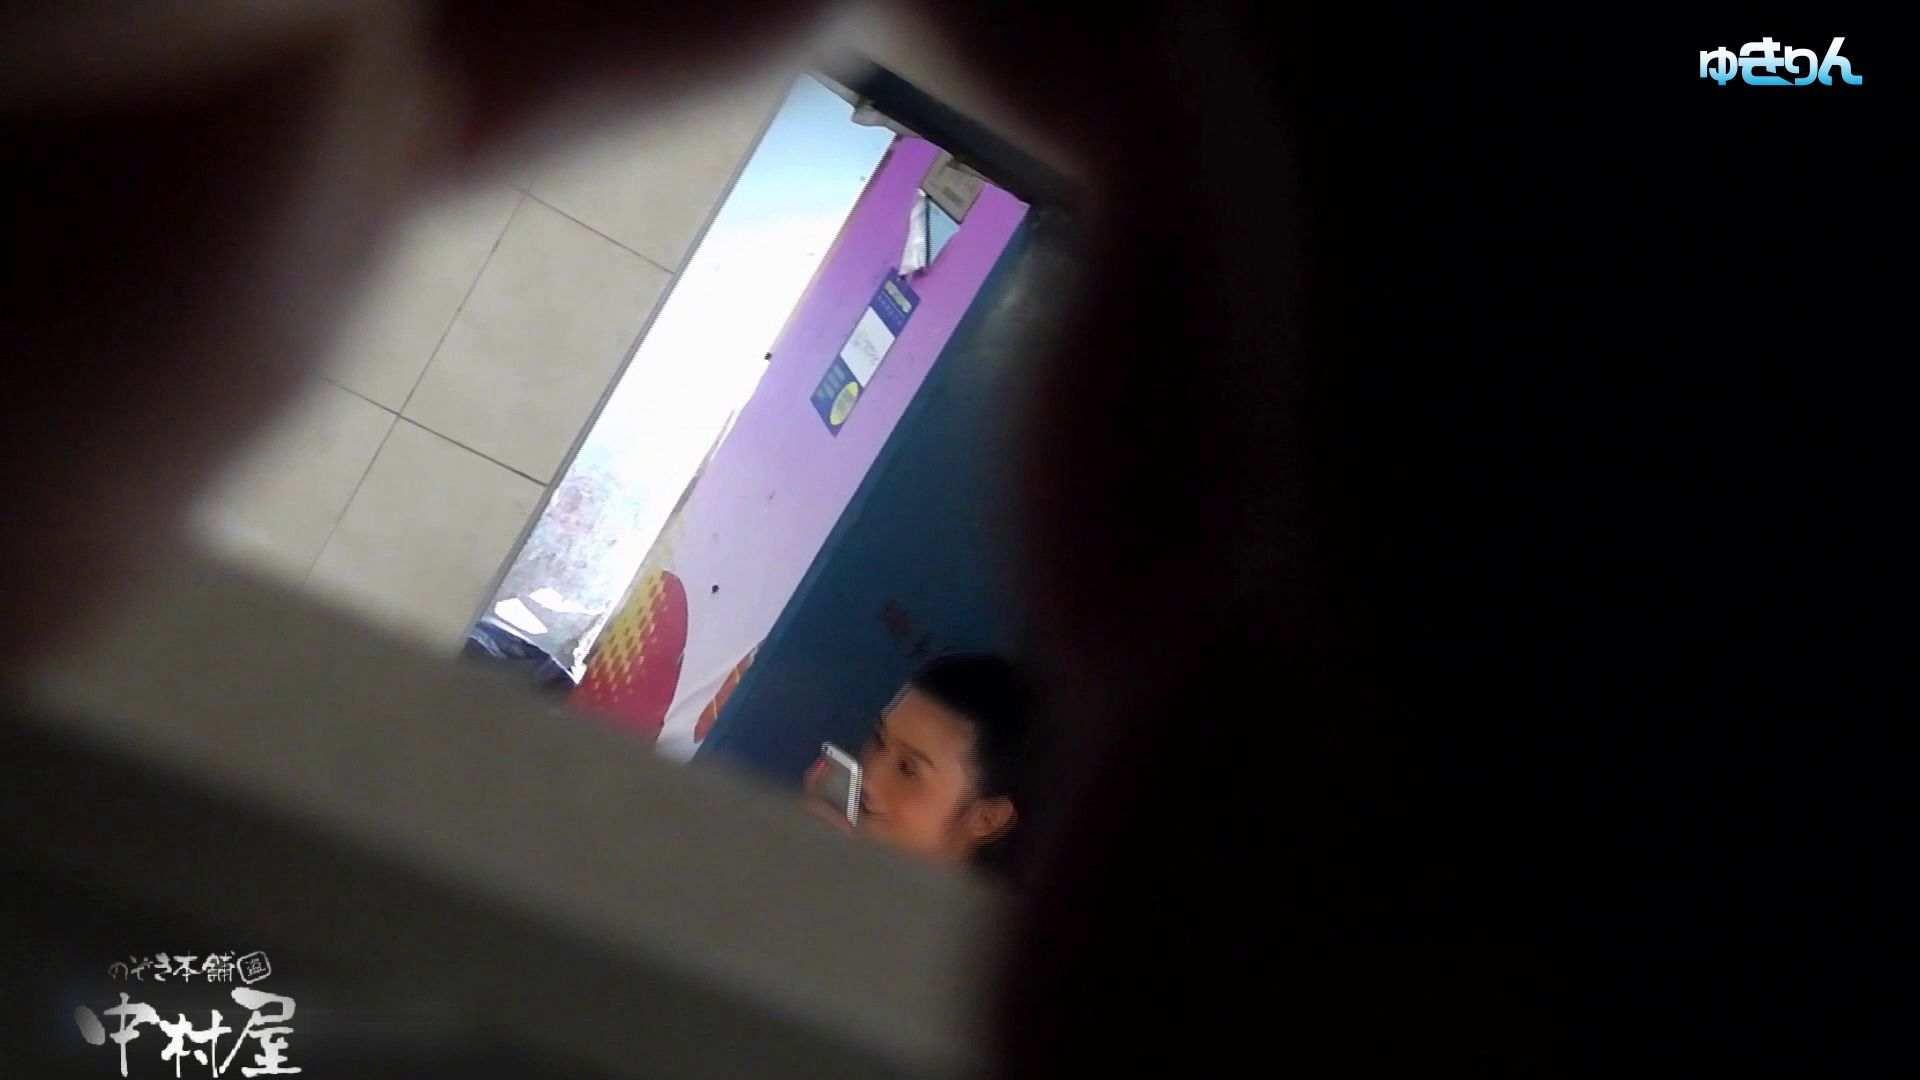 世界の射窓から~ステーション編~vol63 ハイヒール花柄に注目 前編 盗撮動画 | おまんこ大好き  11枚 3